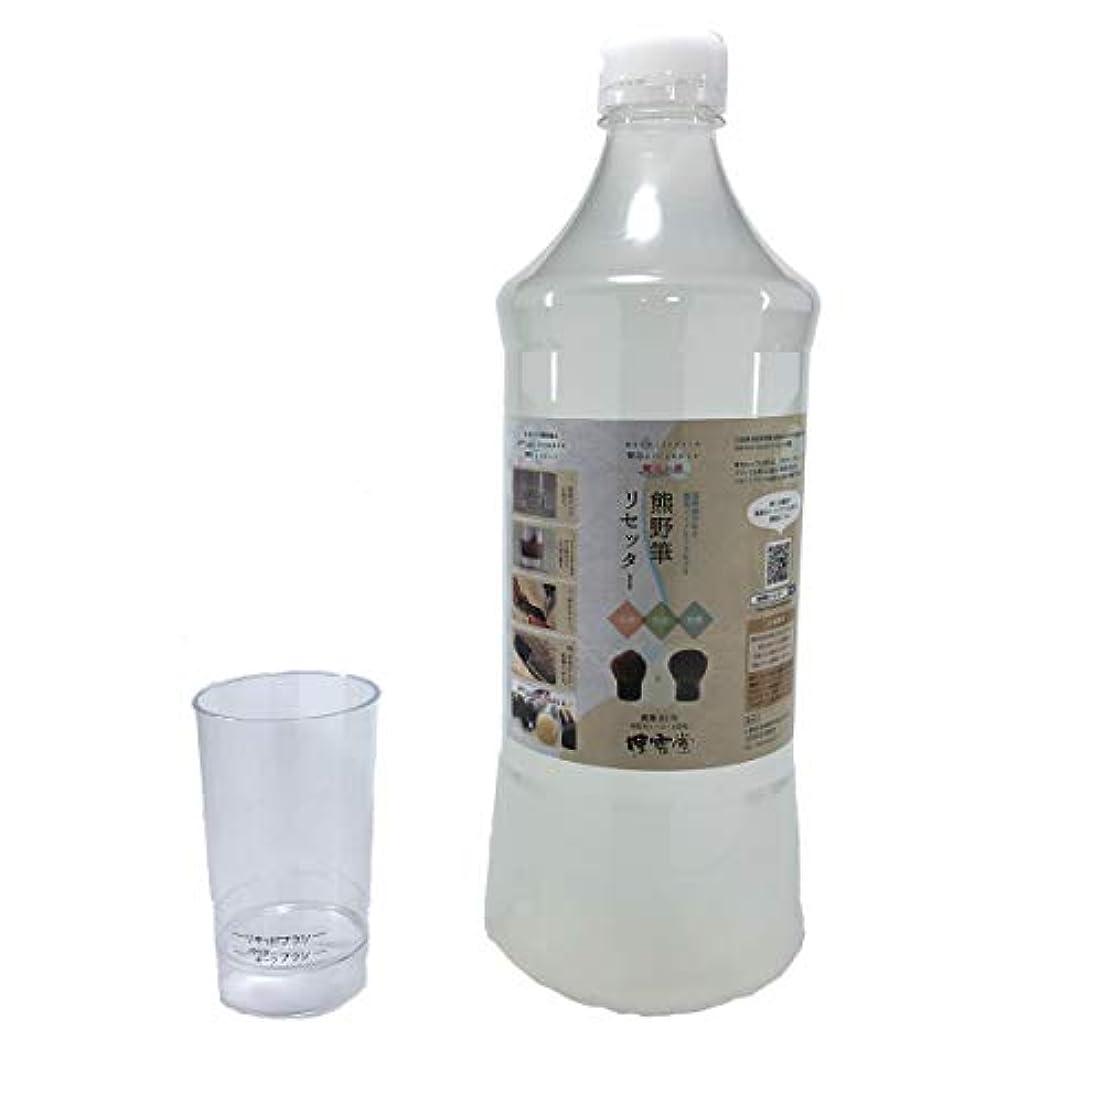 パッド相手誤ってメイクブラシ?リセッター「熊野筆リセッター(洗浄カップ付き)」特大ボトル